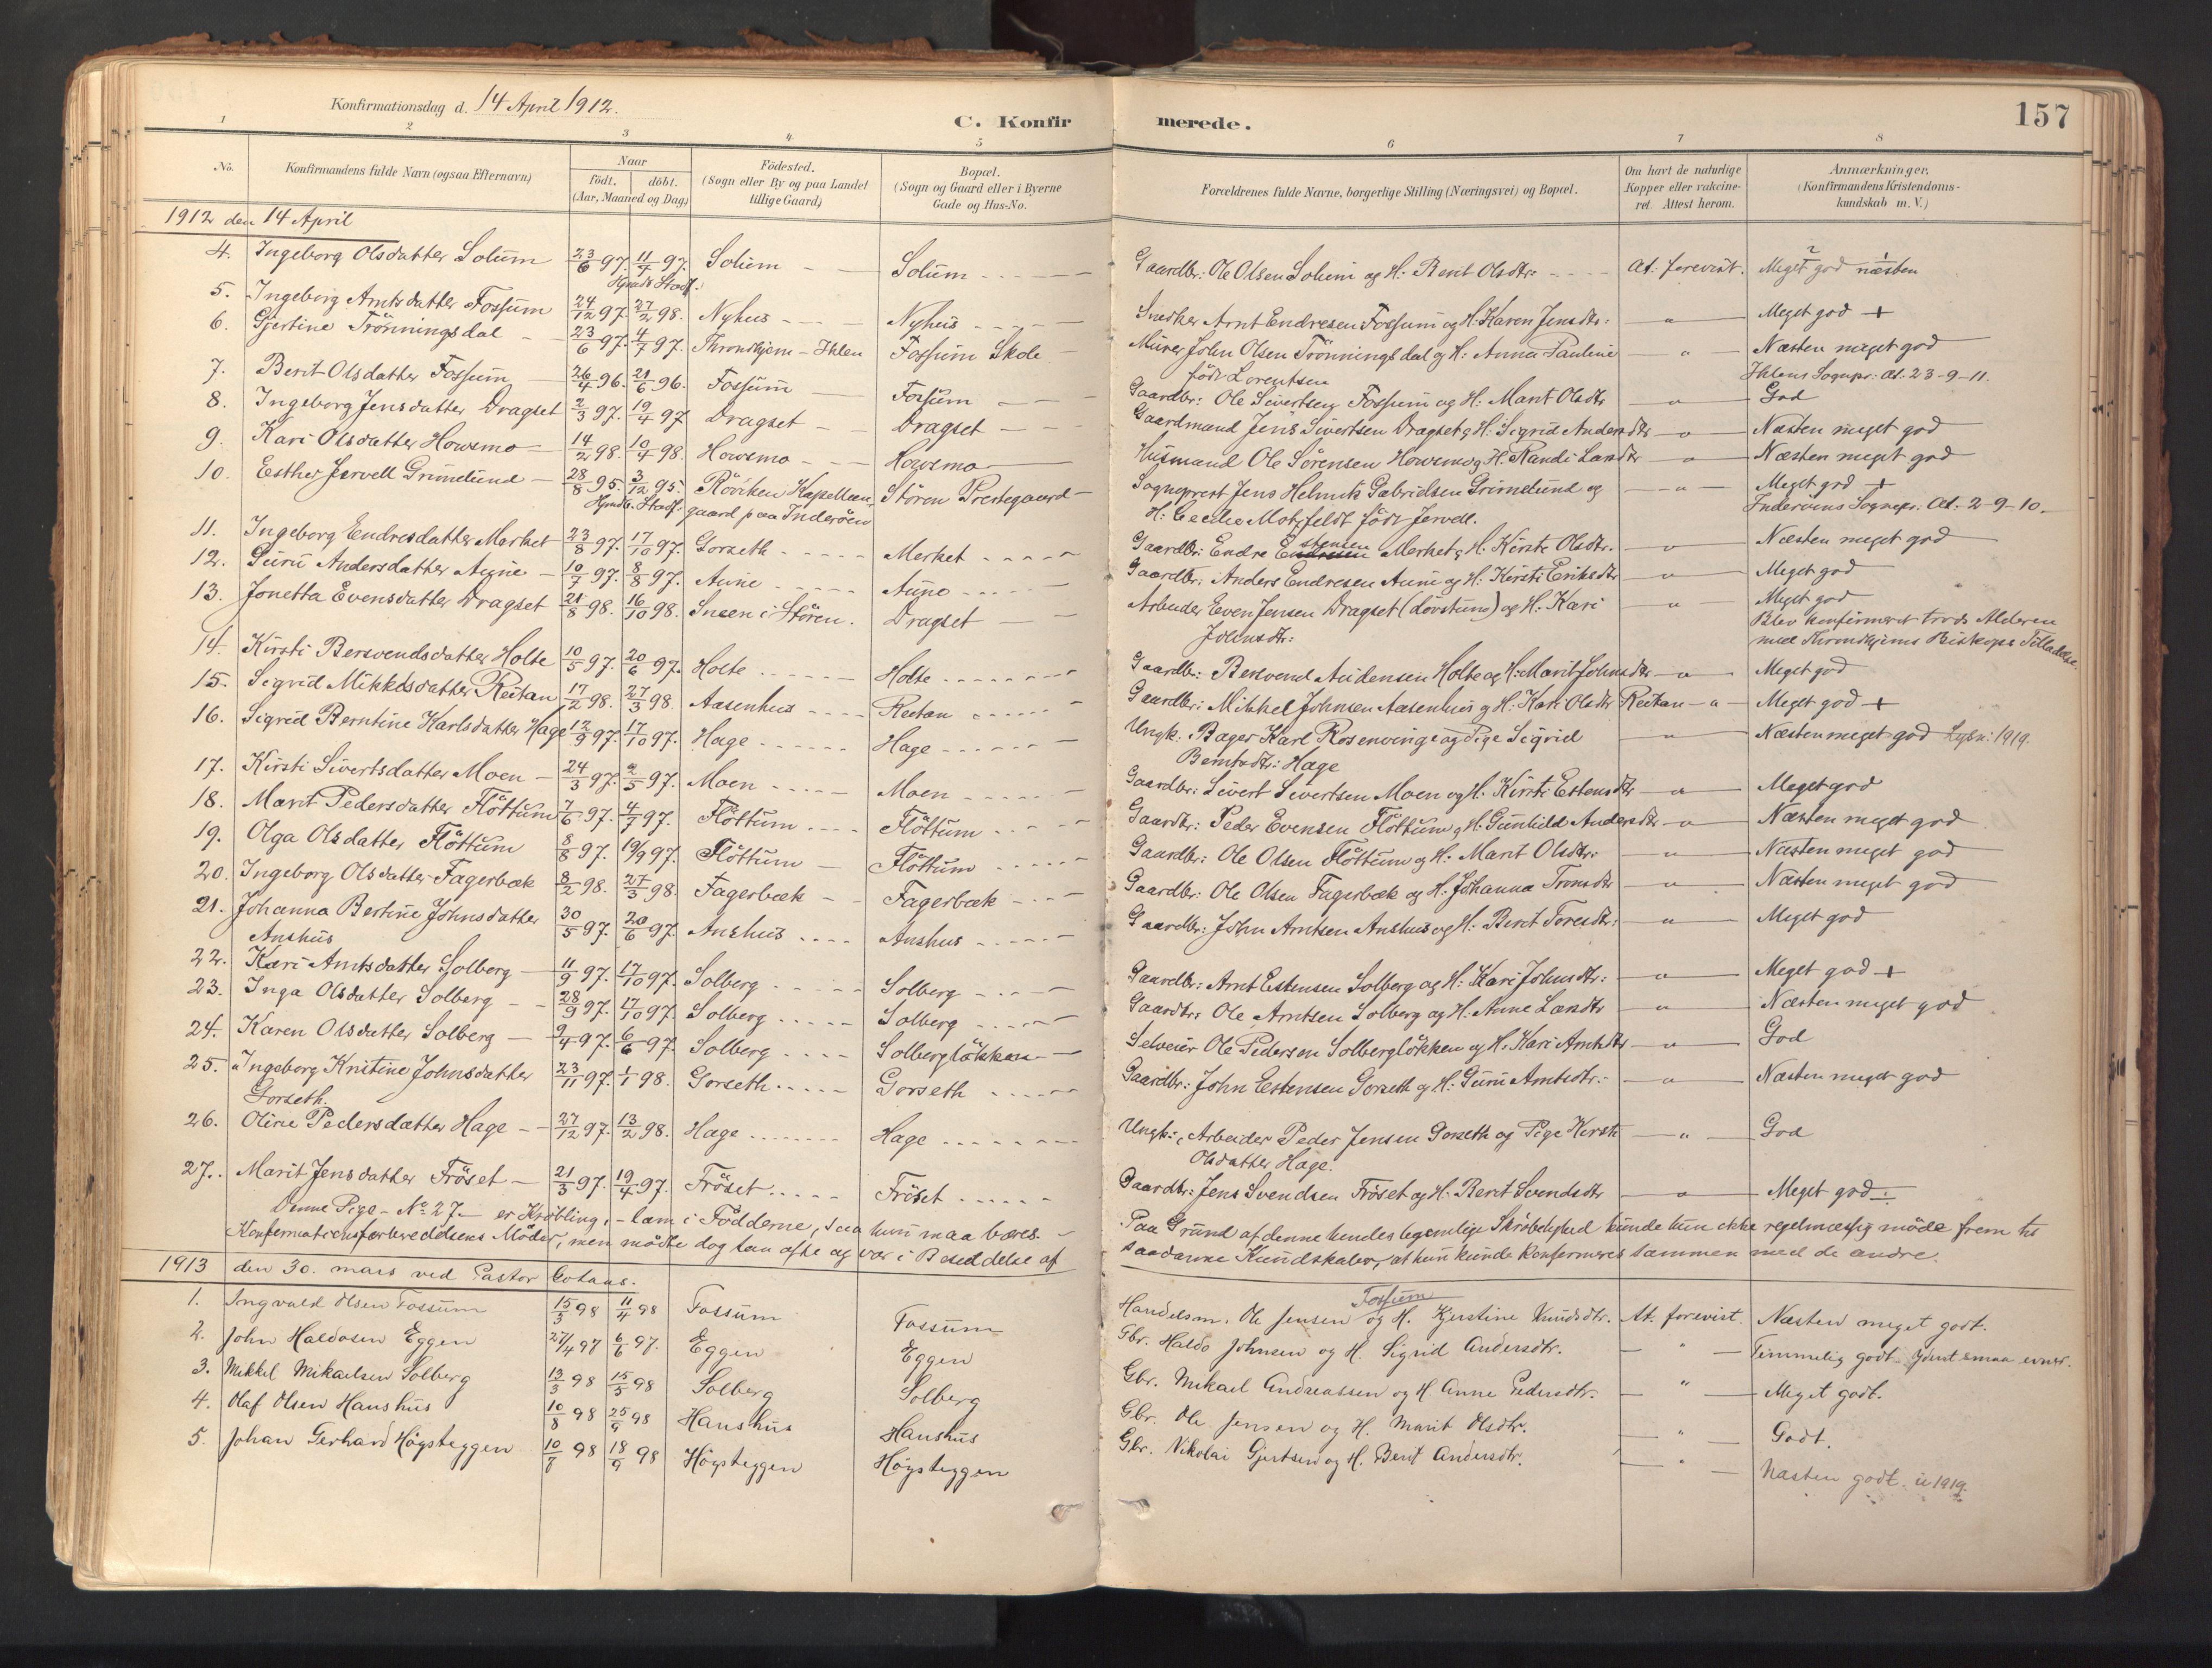 SAT, Ministerialprotokoller, klokkerbøker og fødselsregistre - Sør-Trøndelag, 689/L1041: Ministerialbok nr. 689A06, 1891-1923, s. 157